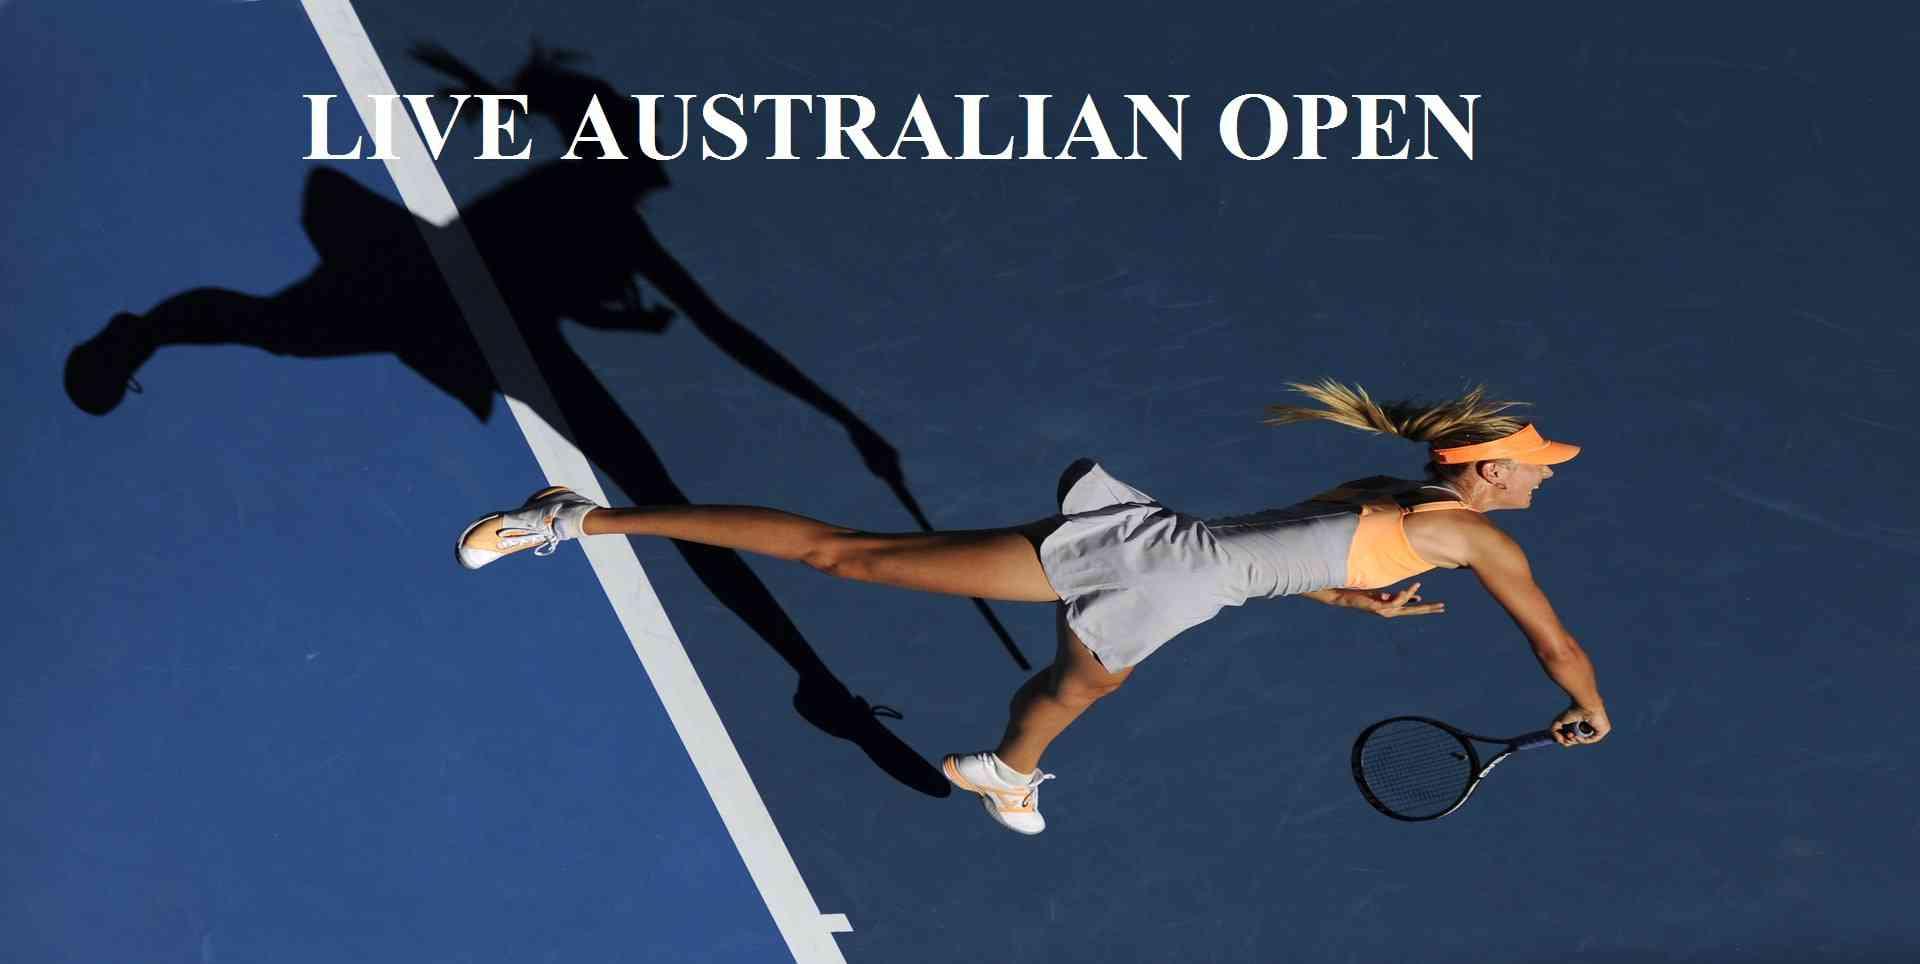 Grand Slam Australian Open 2016